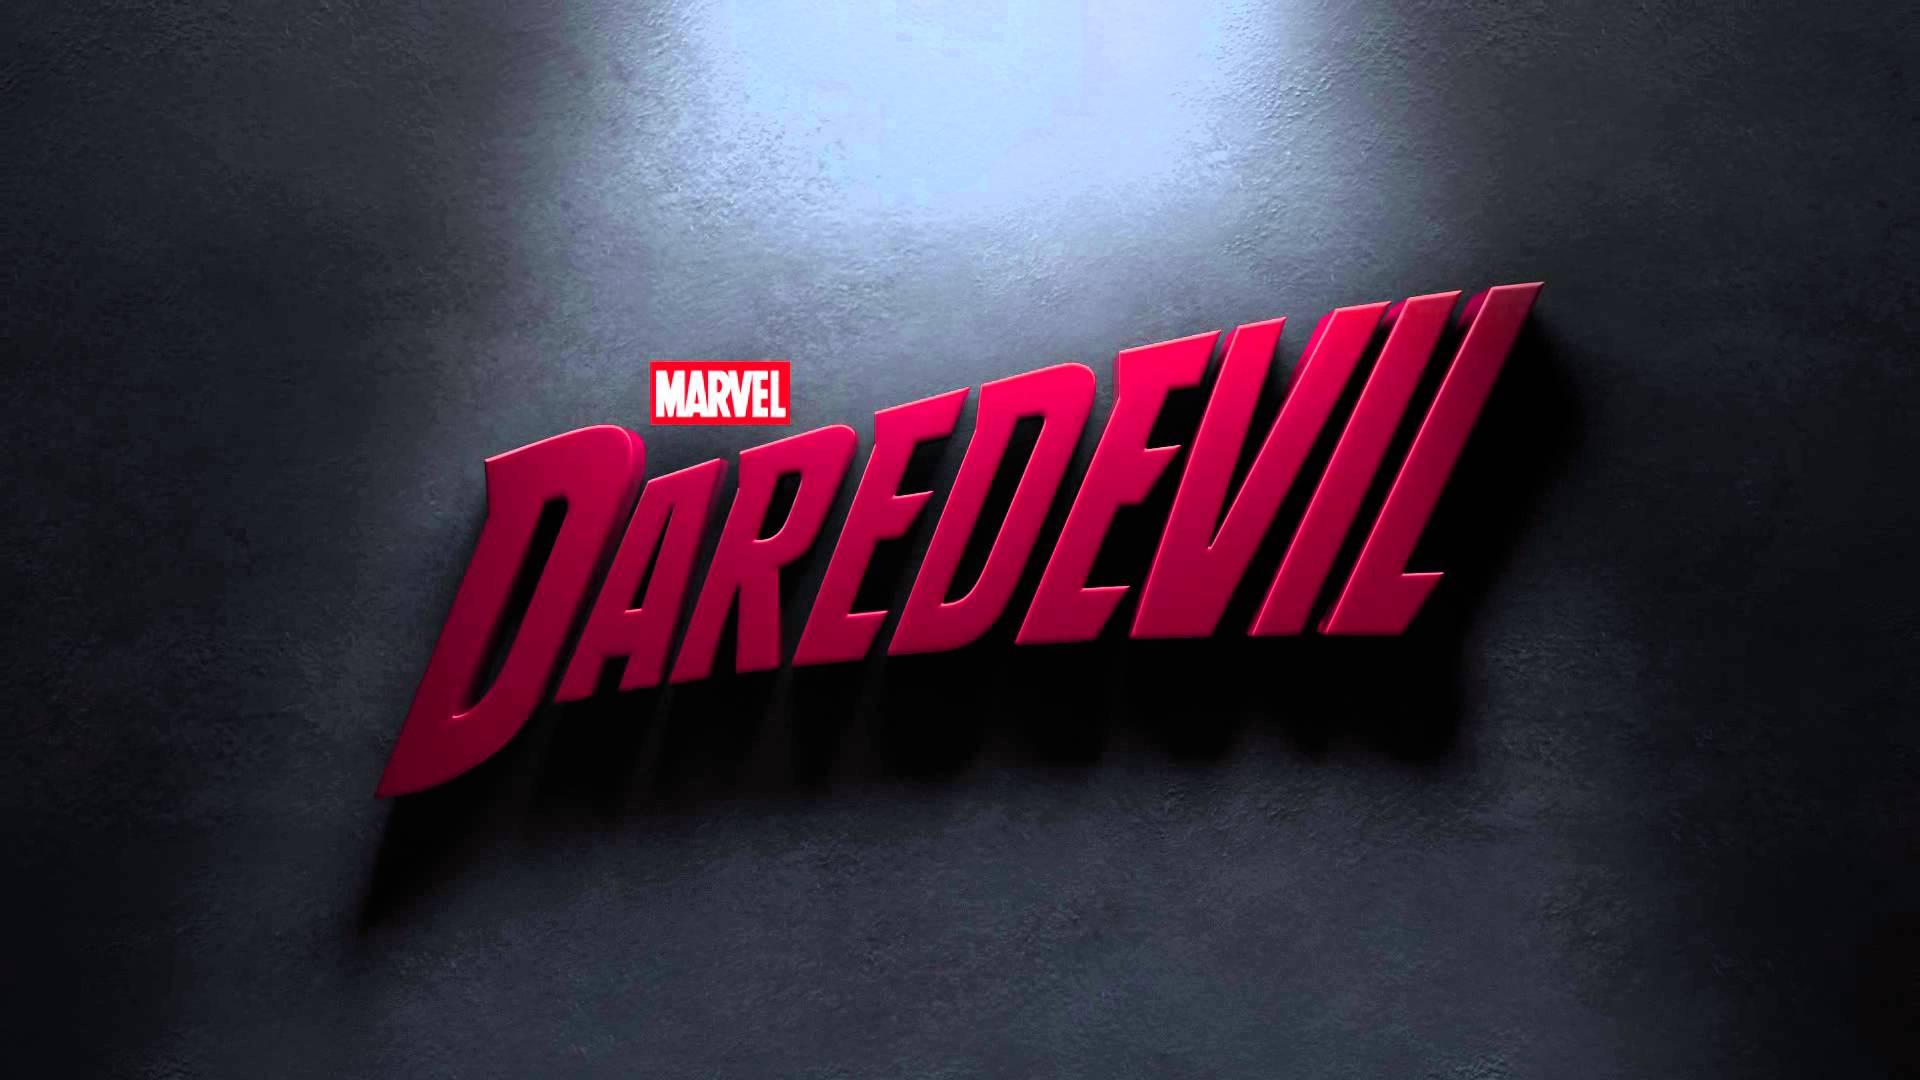 Daredevil wallpaper 4